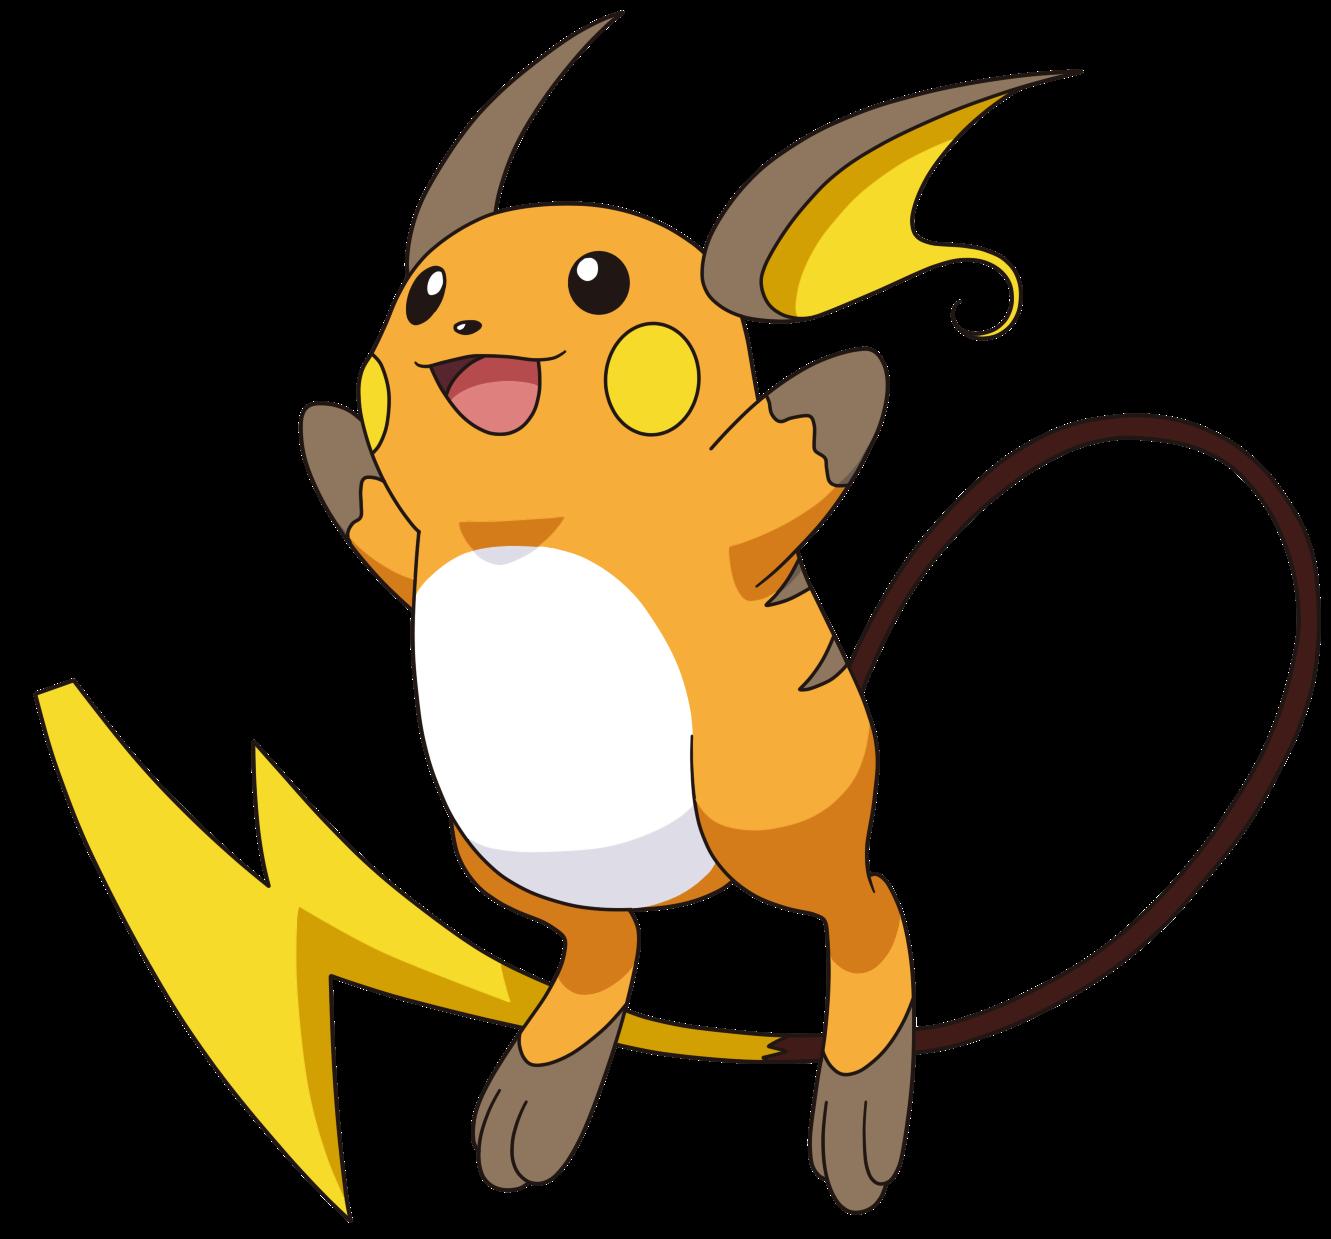 vector transparent stock Pikachu Pok